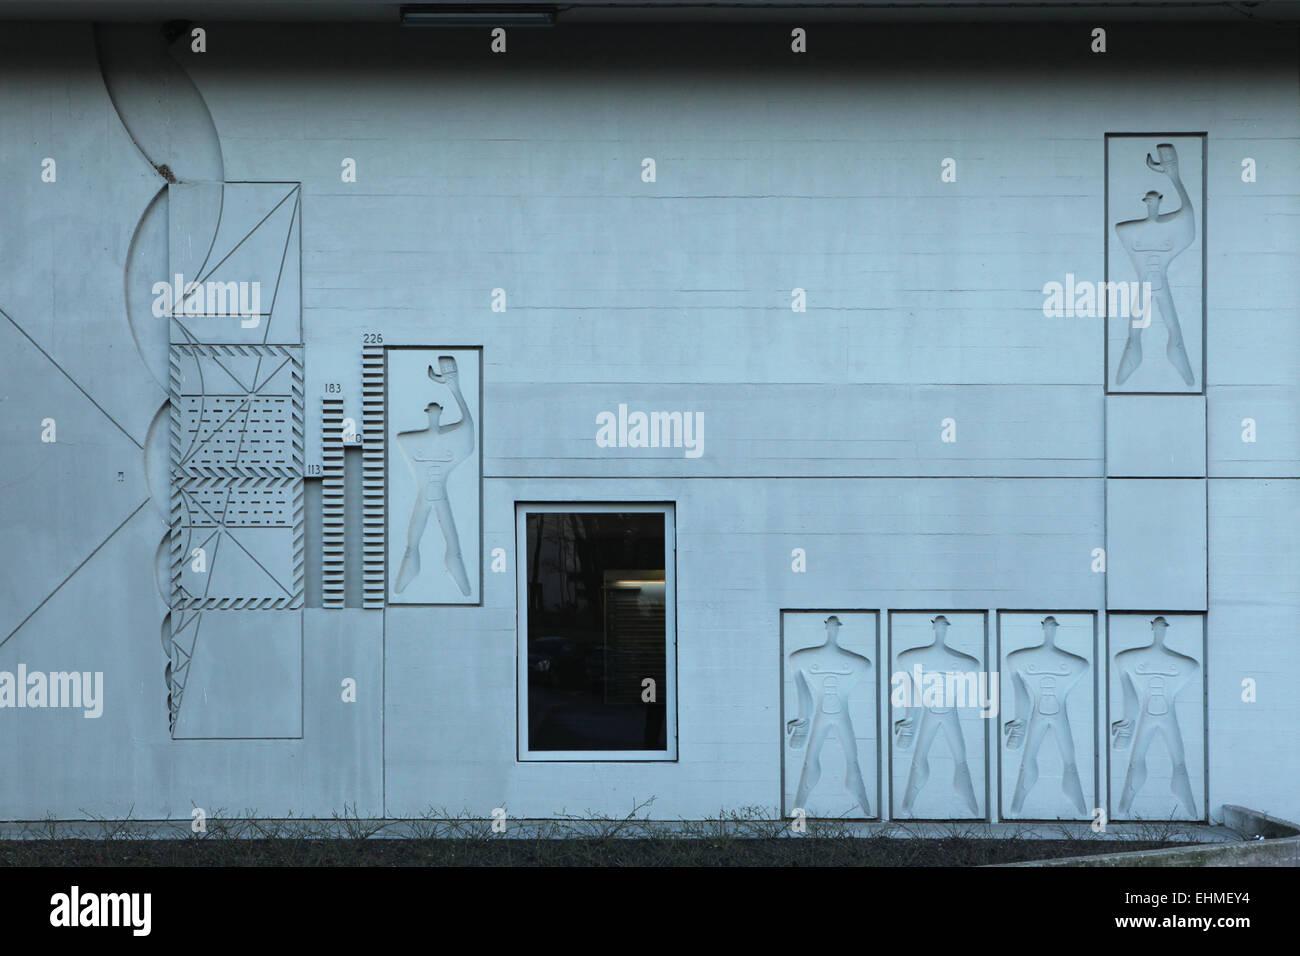 modulor représenté sur le moderniste immeuble d'unité d'habitation